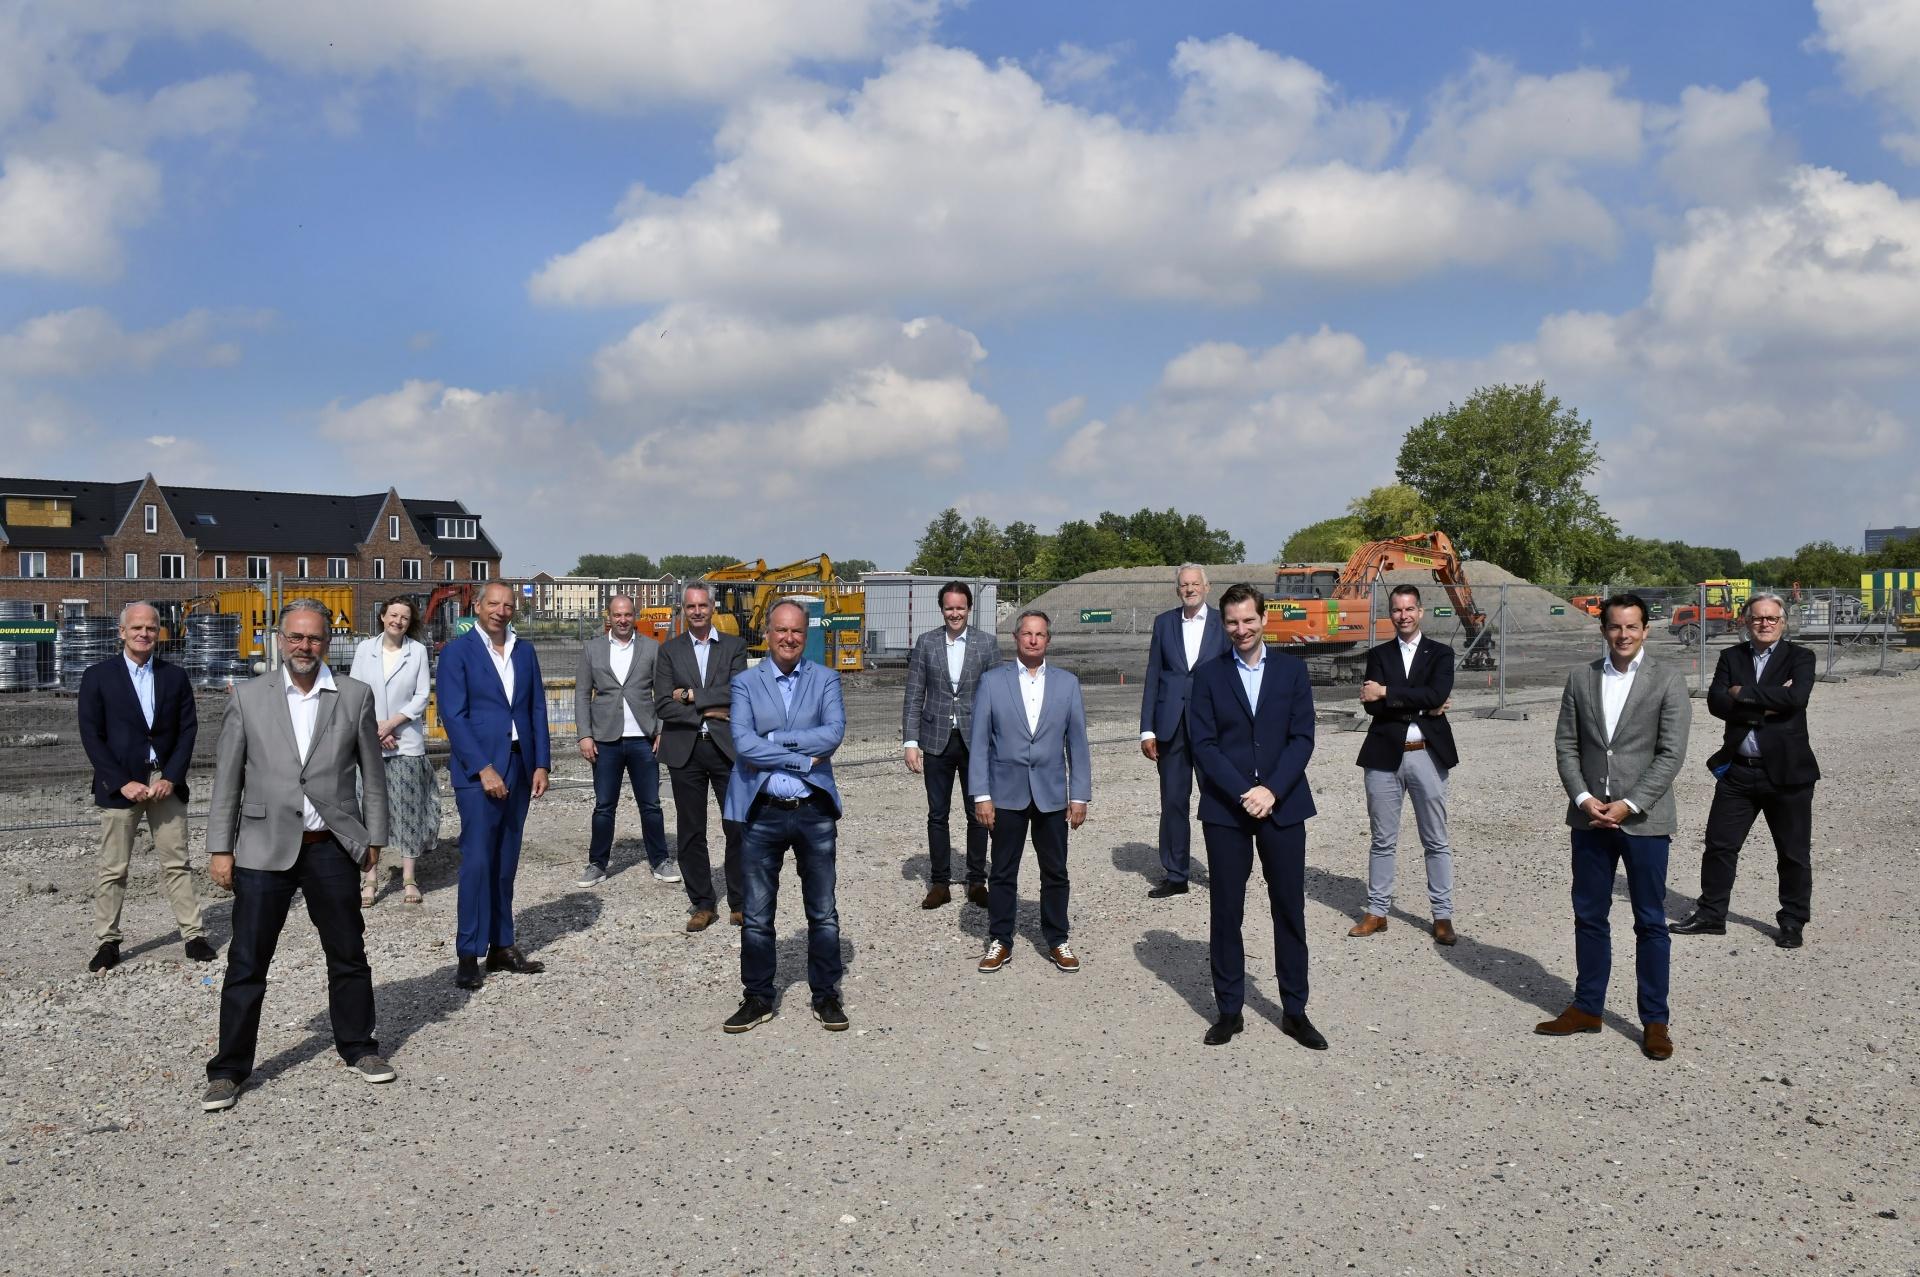 Bouwen aan een duurzame woonwijk voor de 21e eeuw. In RijswijkBuiten gebeurt dat!